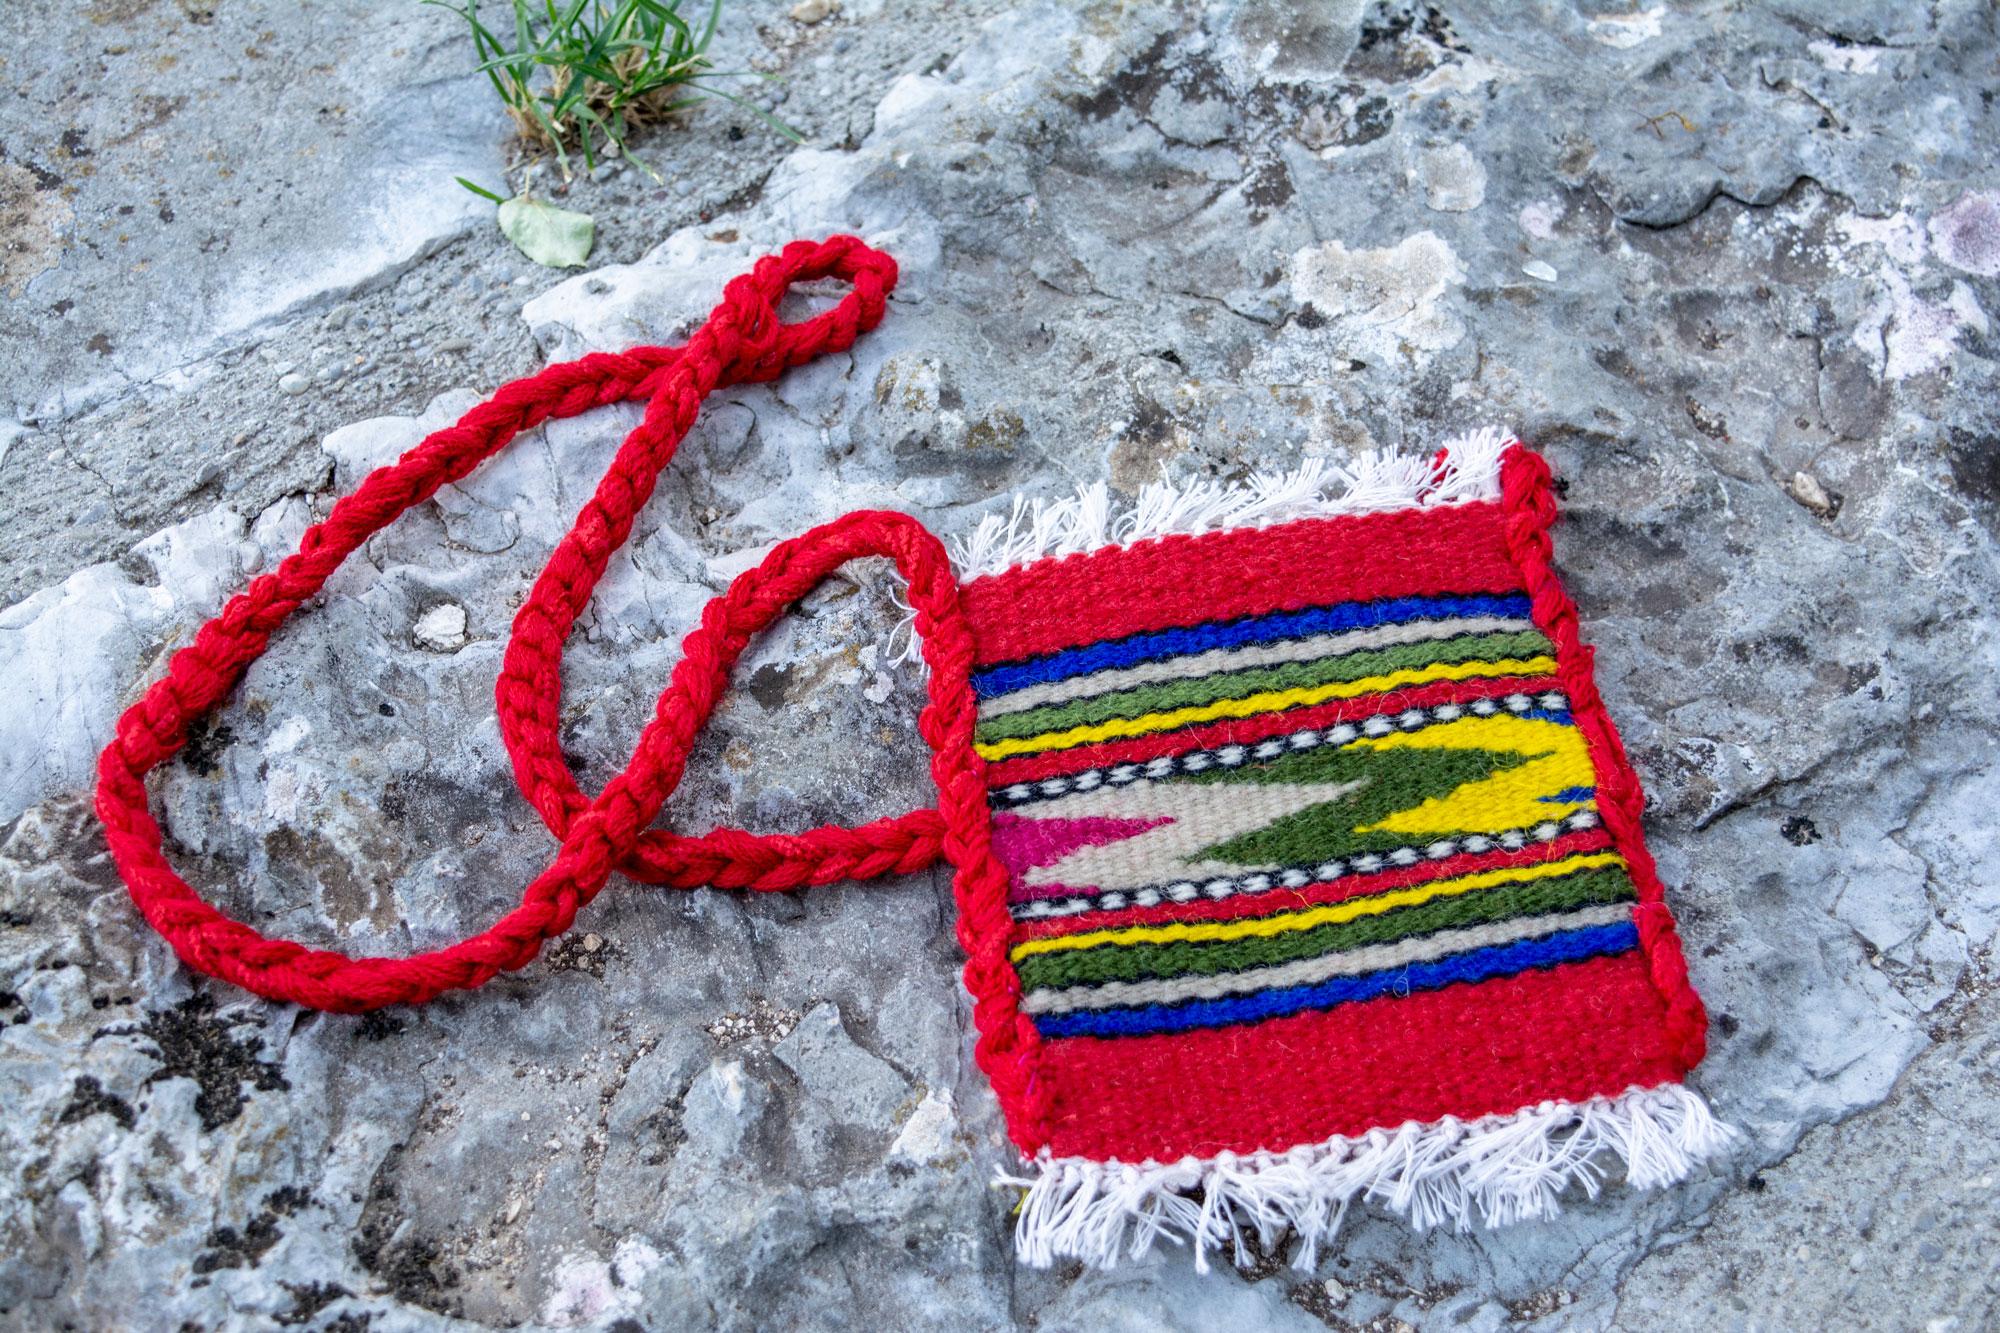 Torba od prirodne vune - ručni rad